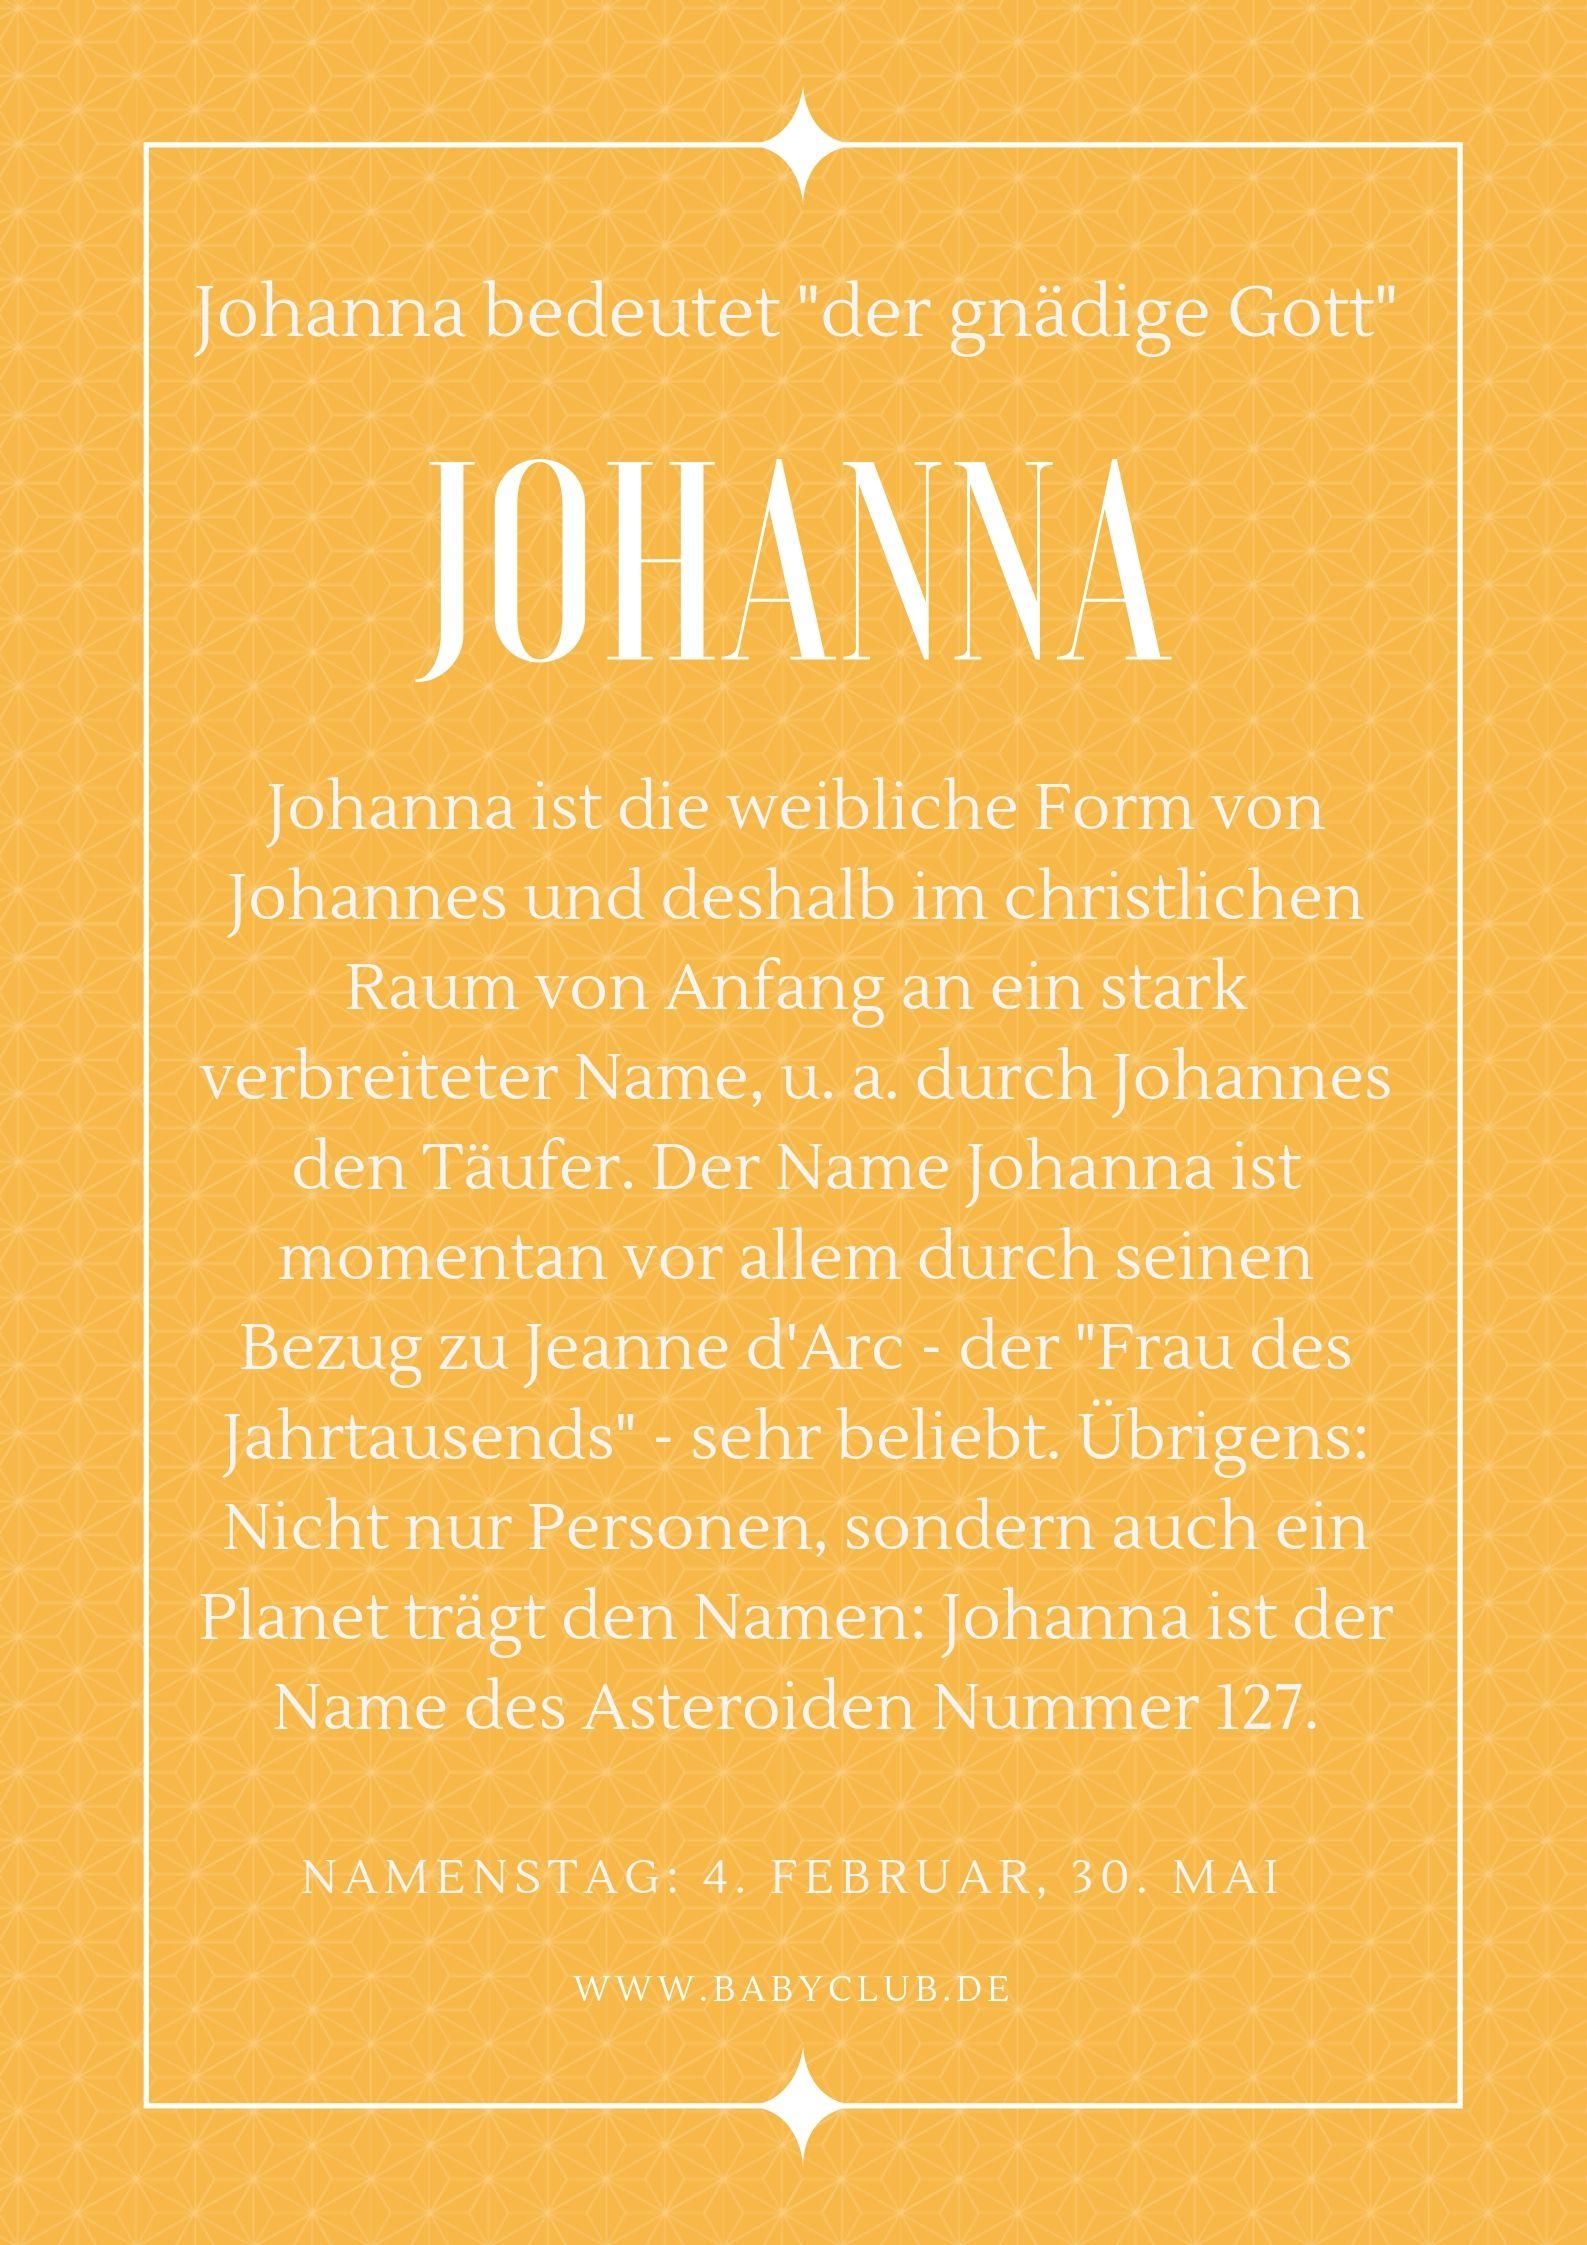 Johanna Namensbedeutung